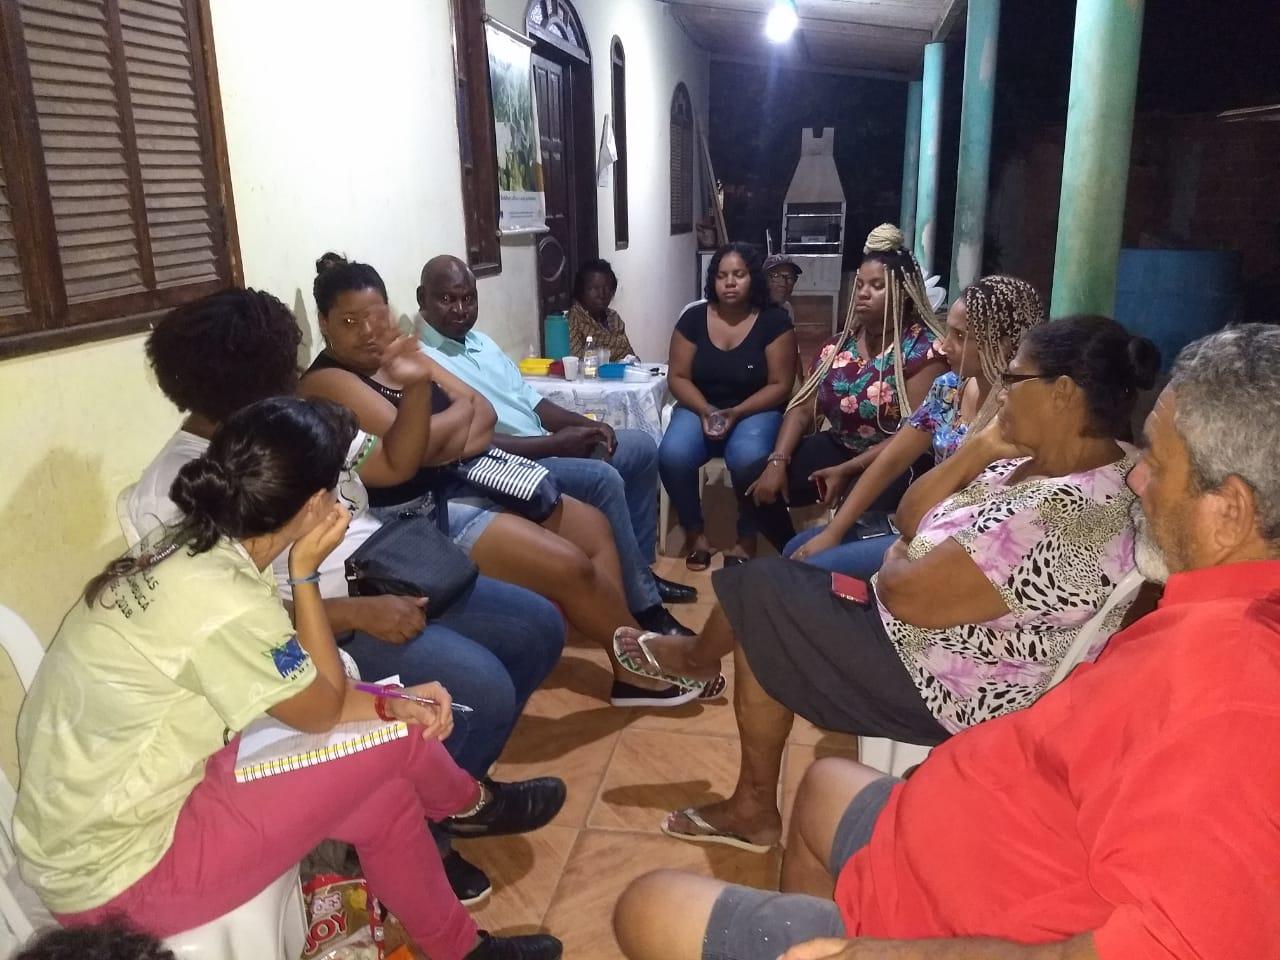 Reunião do Projeto de Base Comunitária na comunidade quilombola de Botafogo em Cabo Frio, RJ.